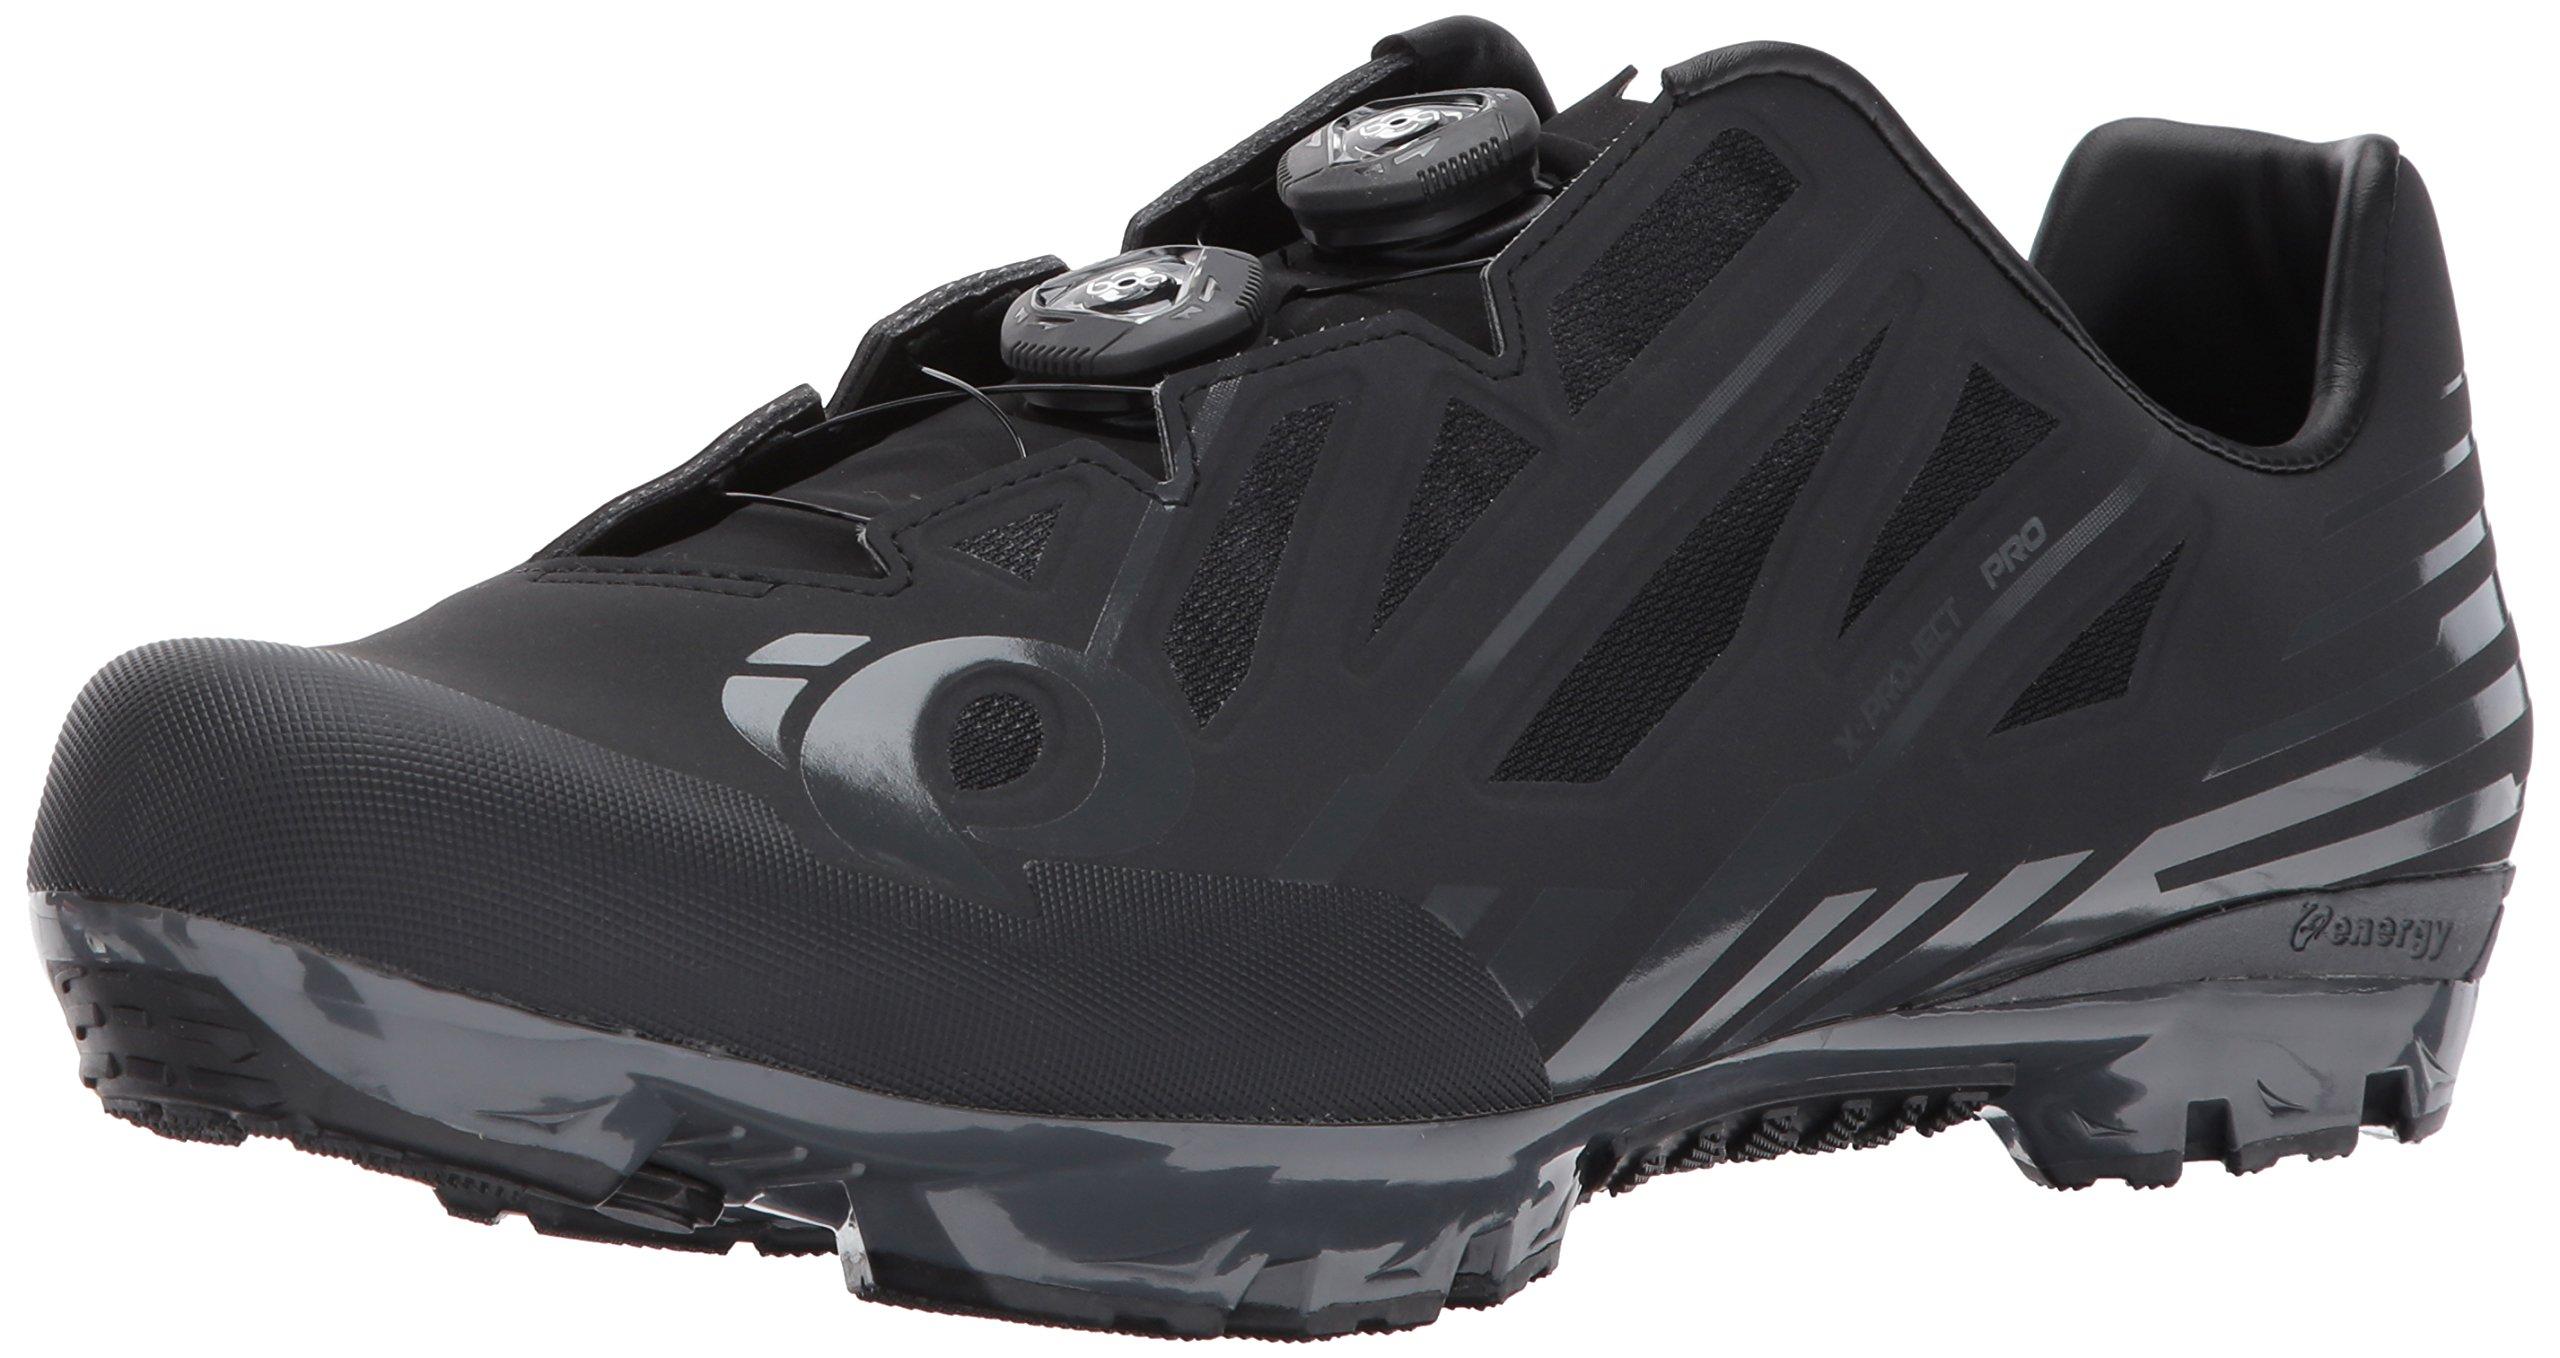 Pearl Izumi X-Project Pro Cycling-Footwear, Black/Shadow Grey, 48 EU/13 D US